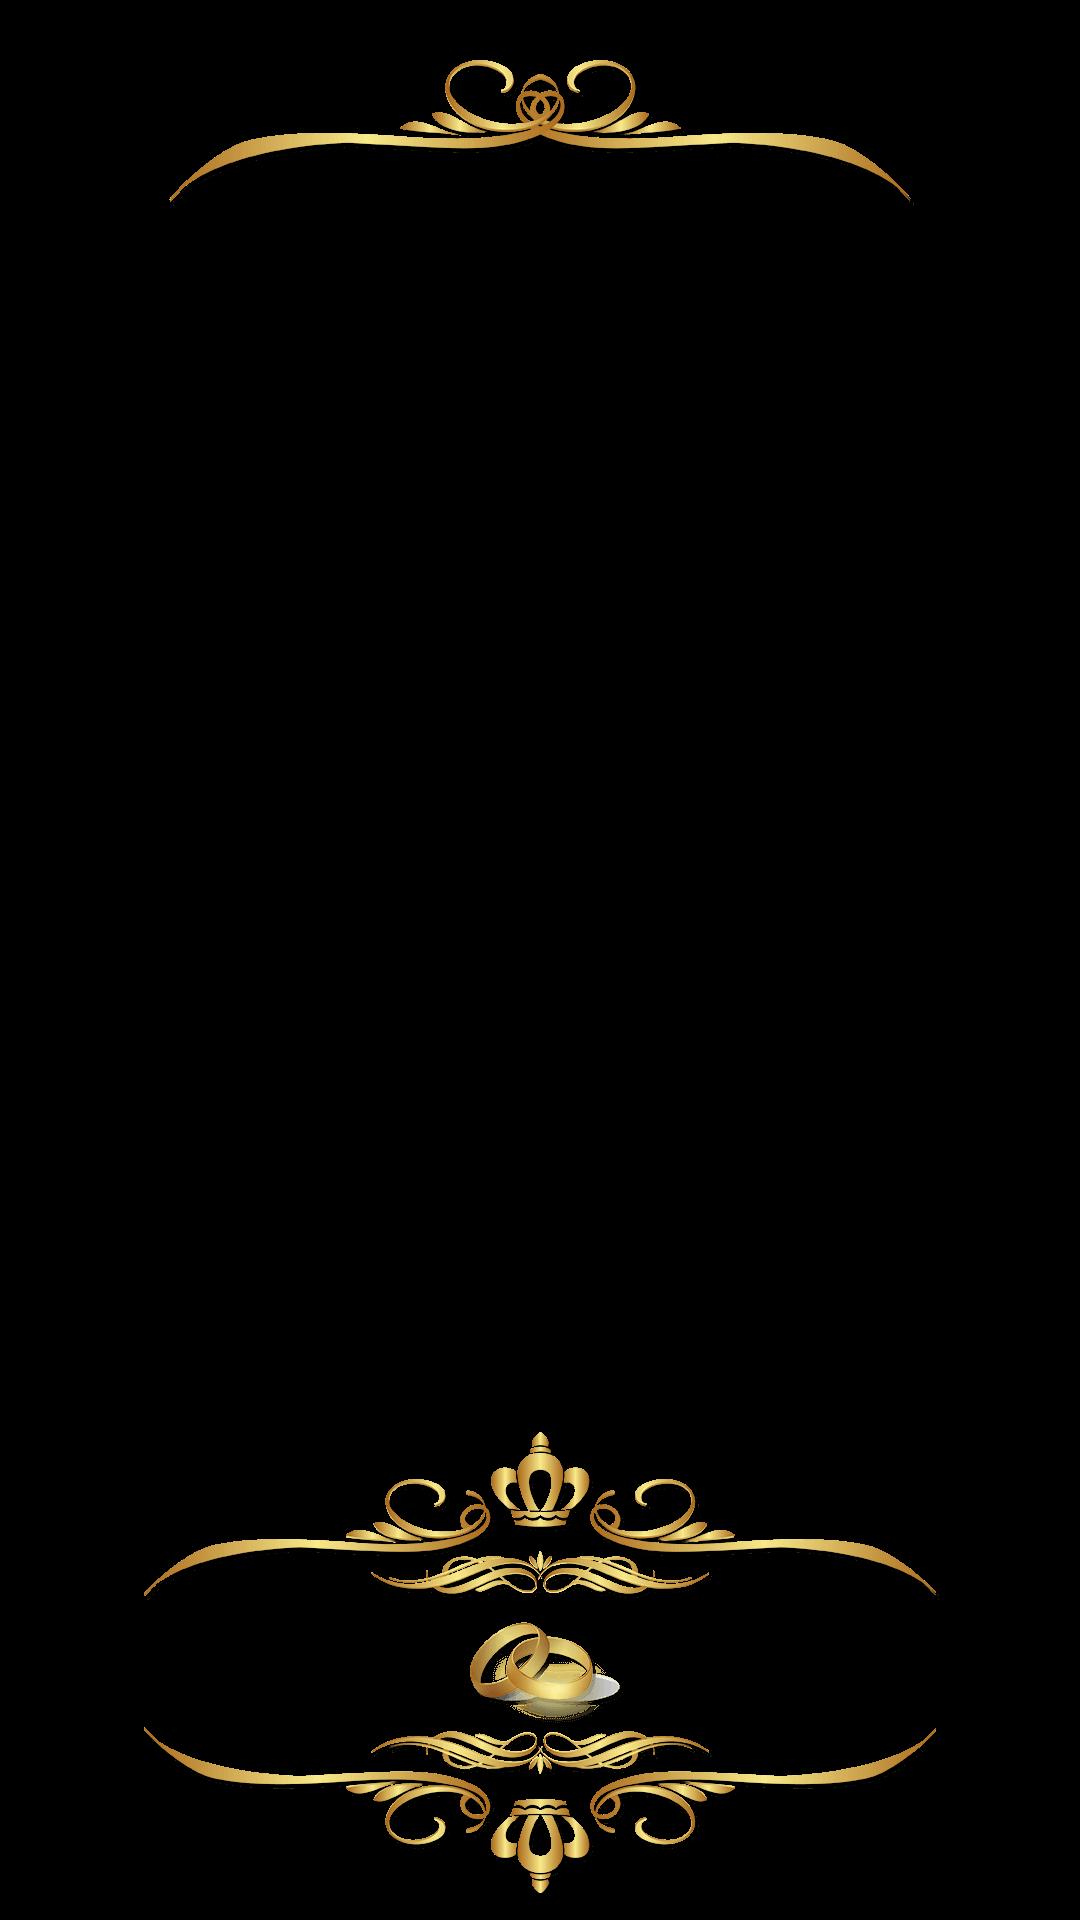 Pin By Ahlam Khamel On Wedding Deco Wedding Snapchat Filter Wedding Snapchat Wedding Filters